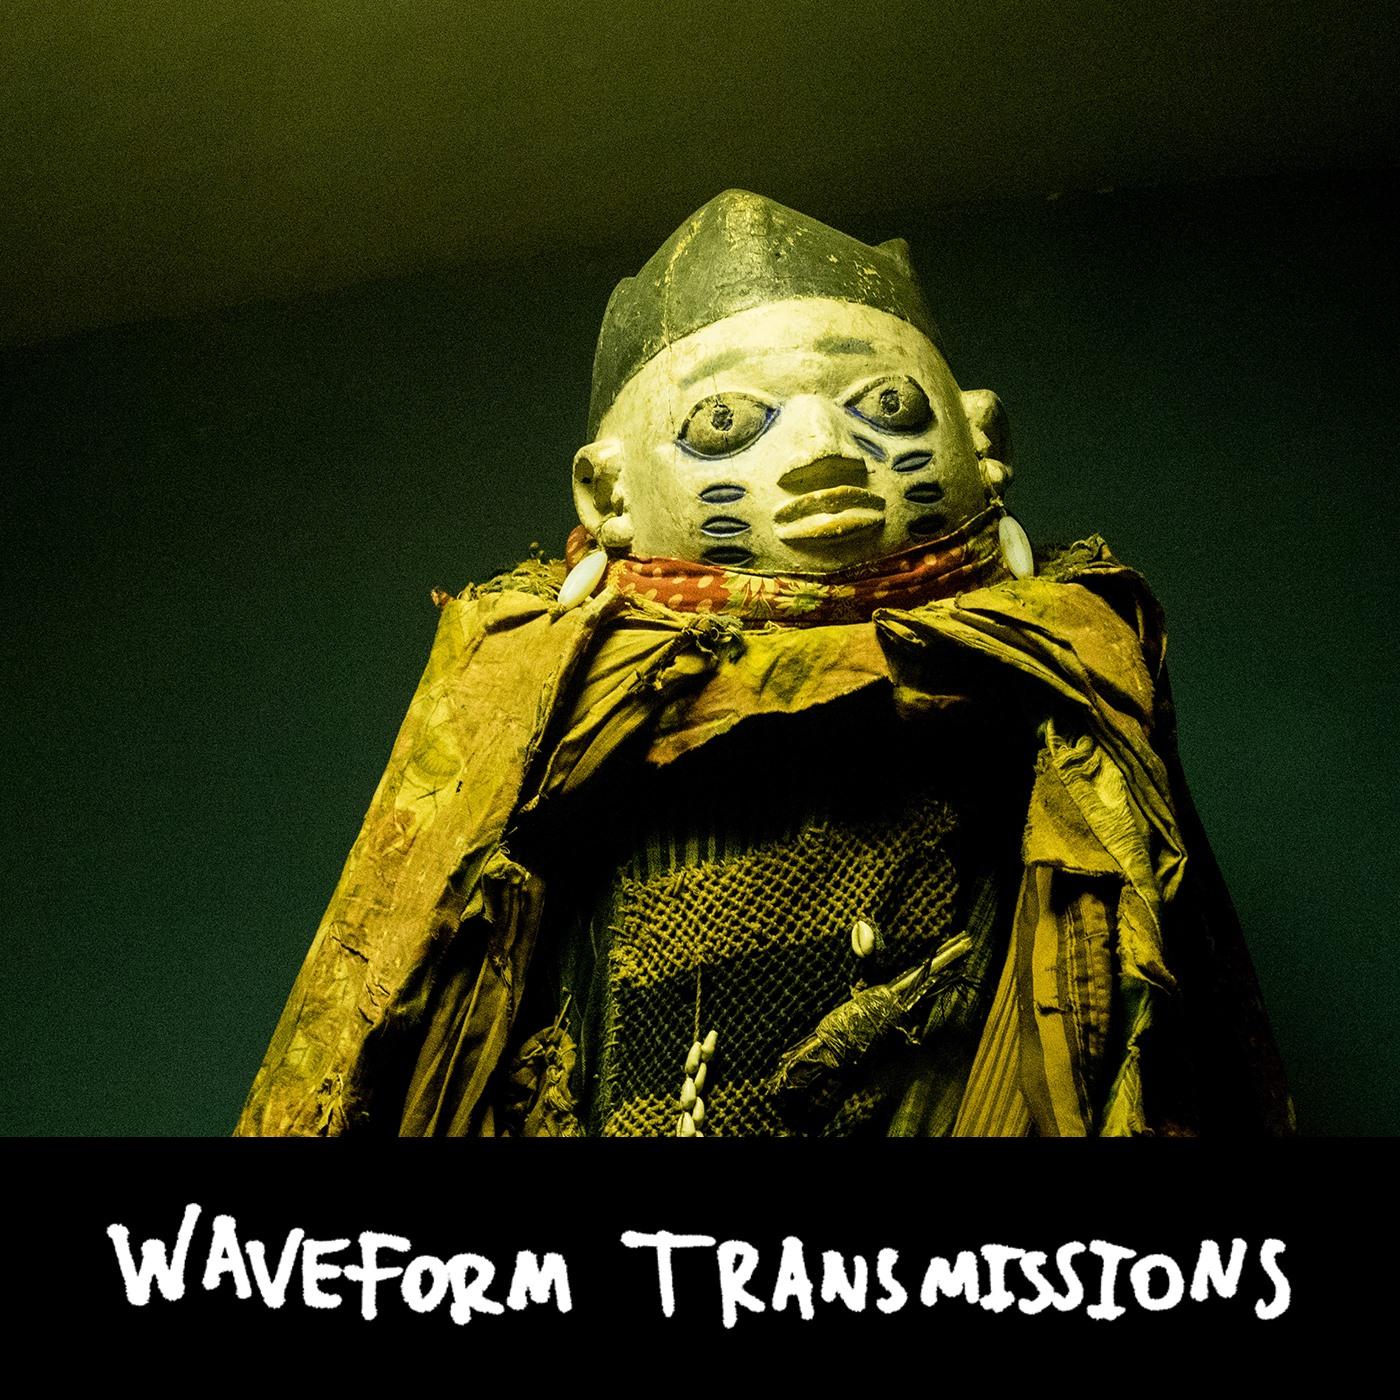 Waveform Transmissions